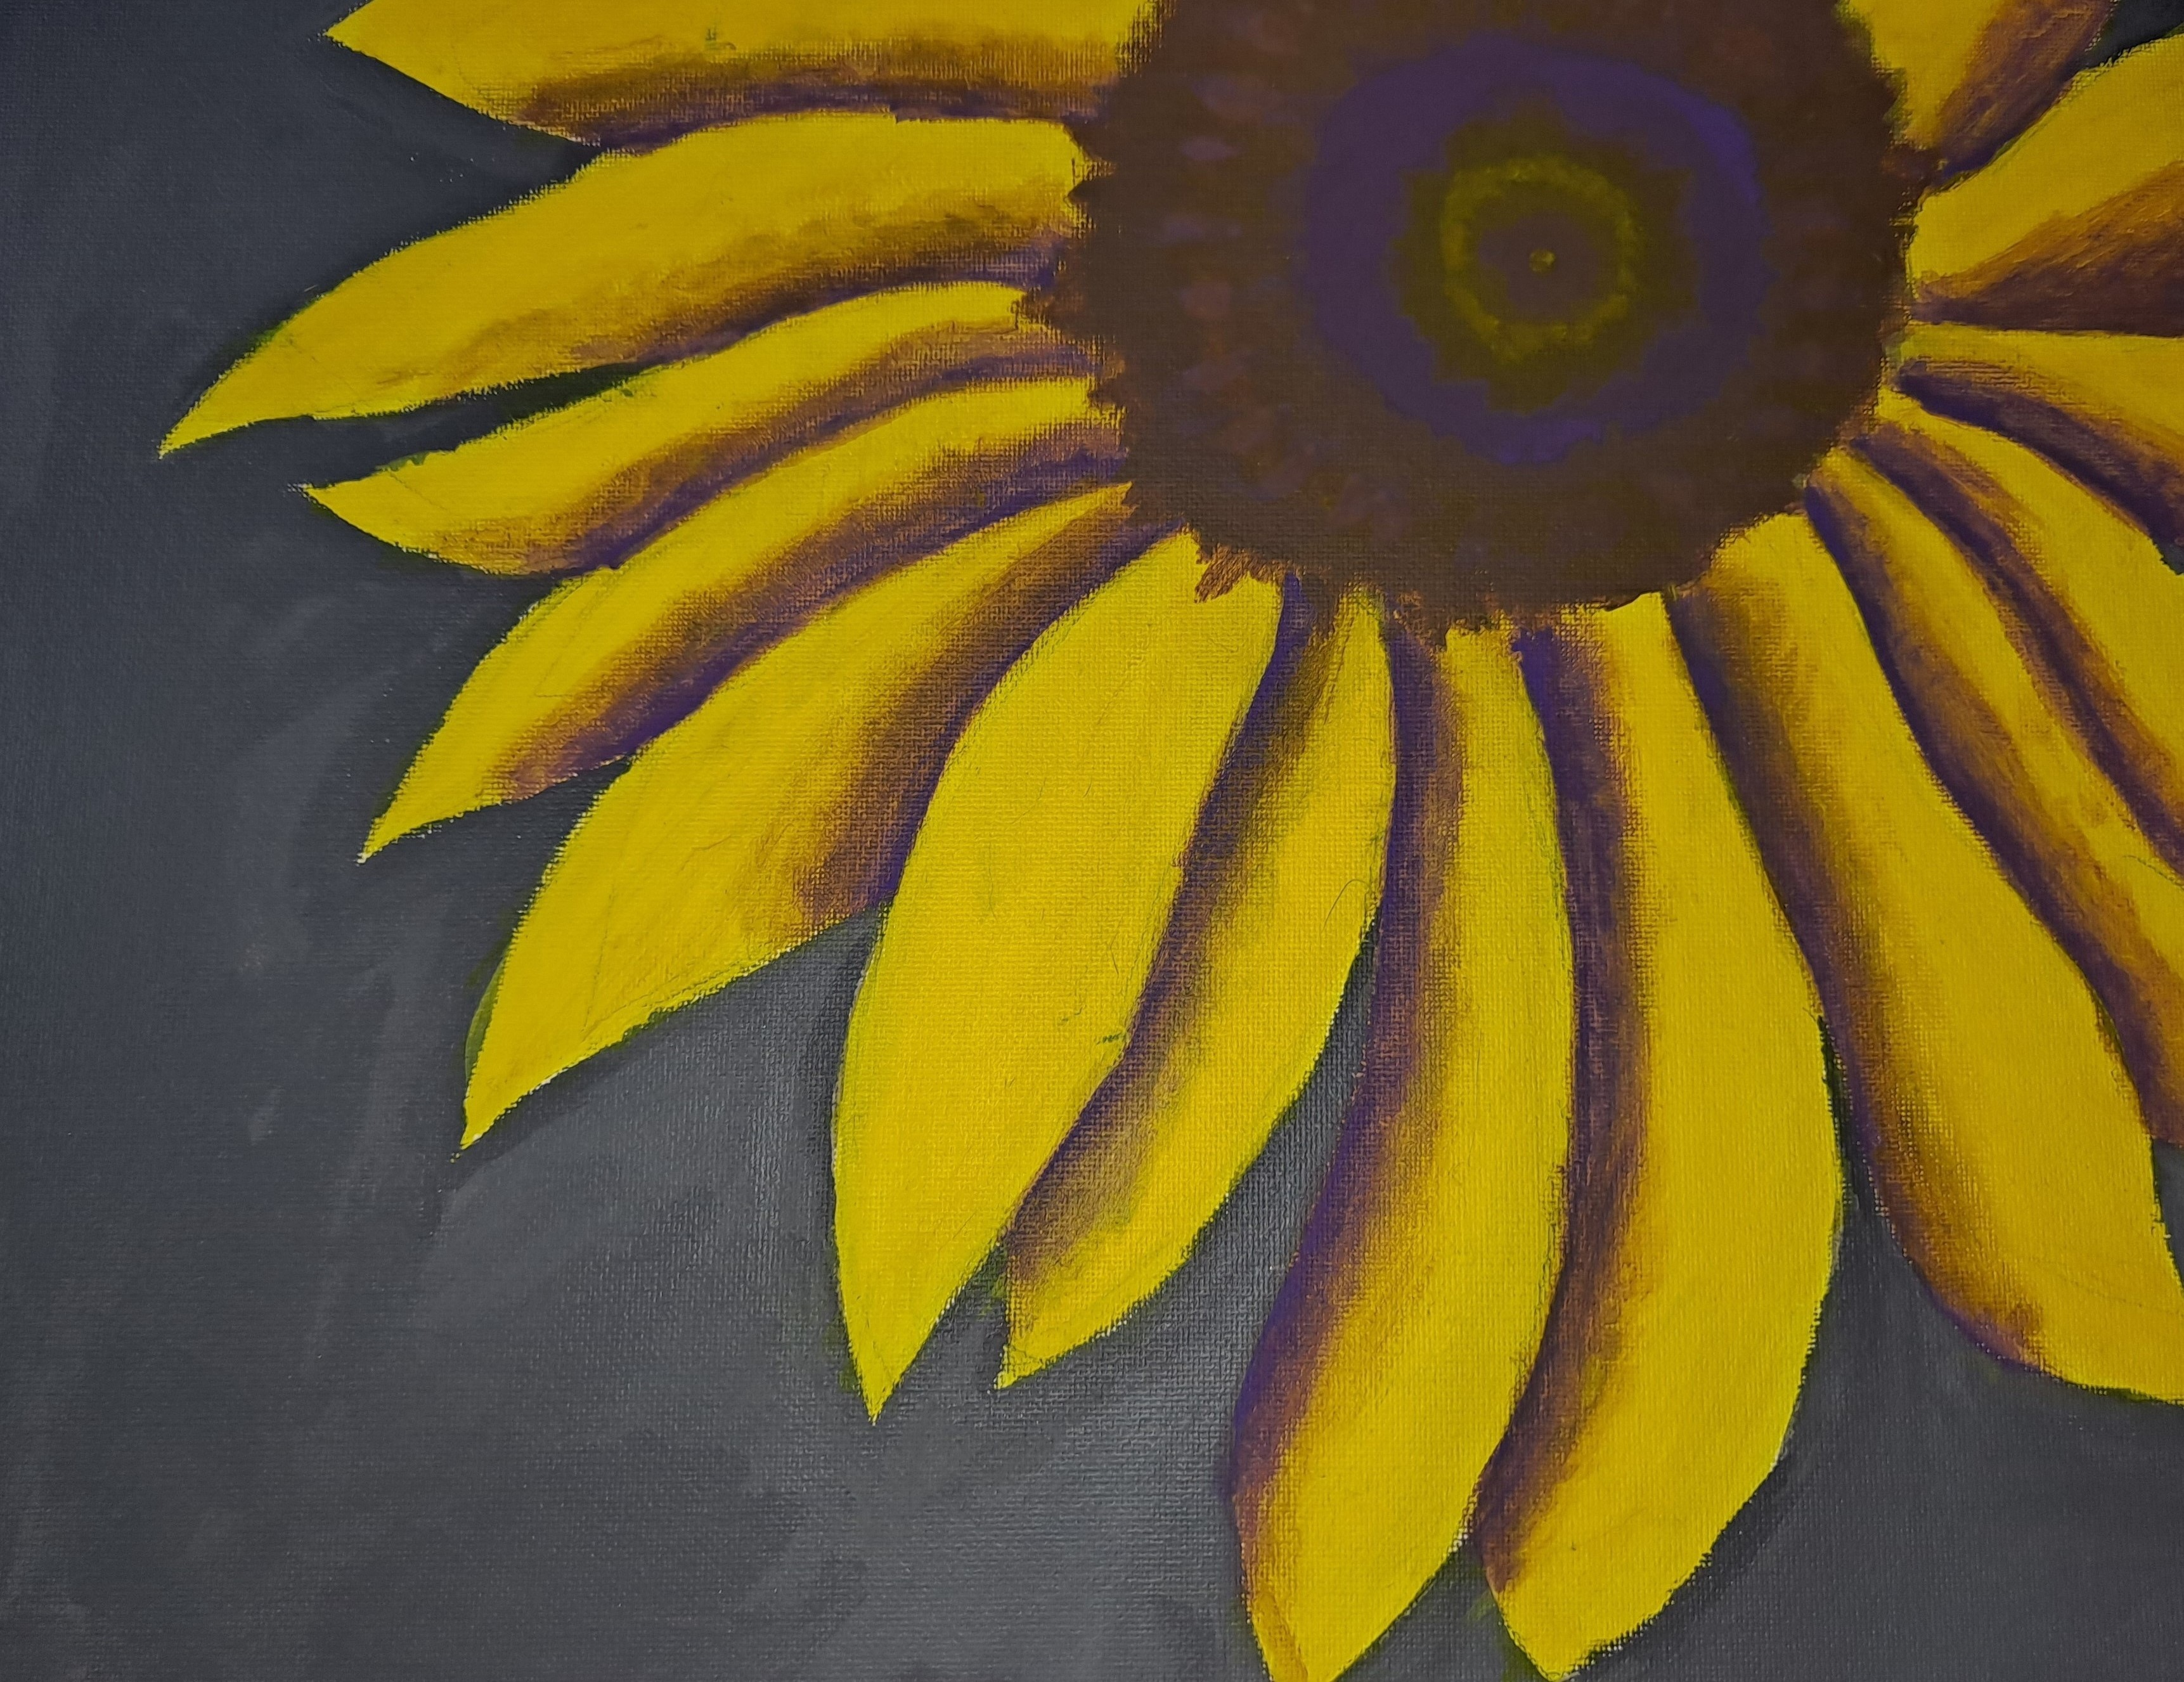 Natalie O, <i>Sunflower</i>, Grade 12, New Britain High School, Recipient of the Cover Art Award